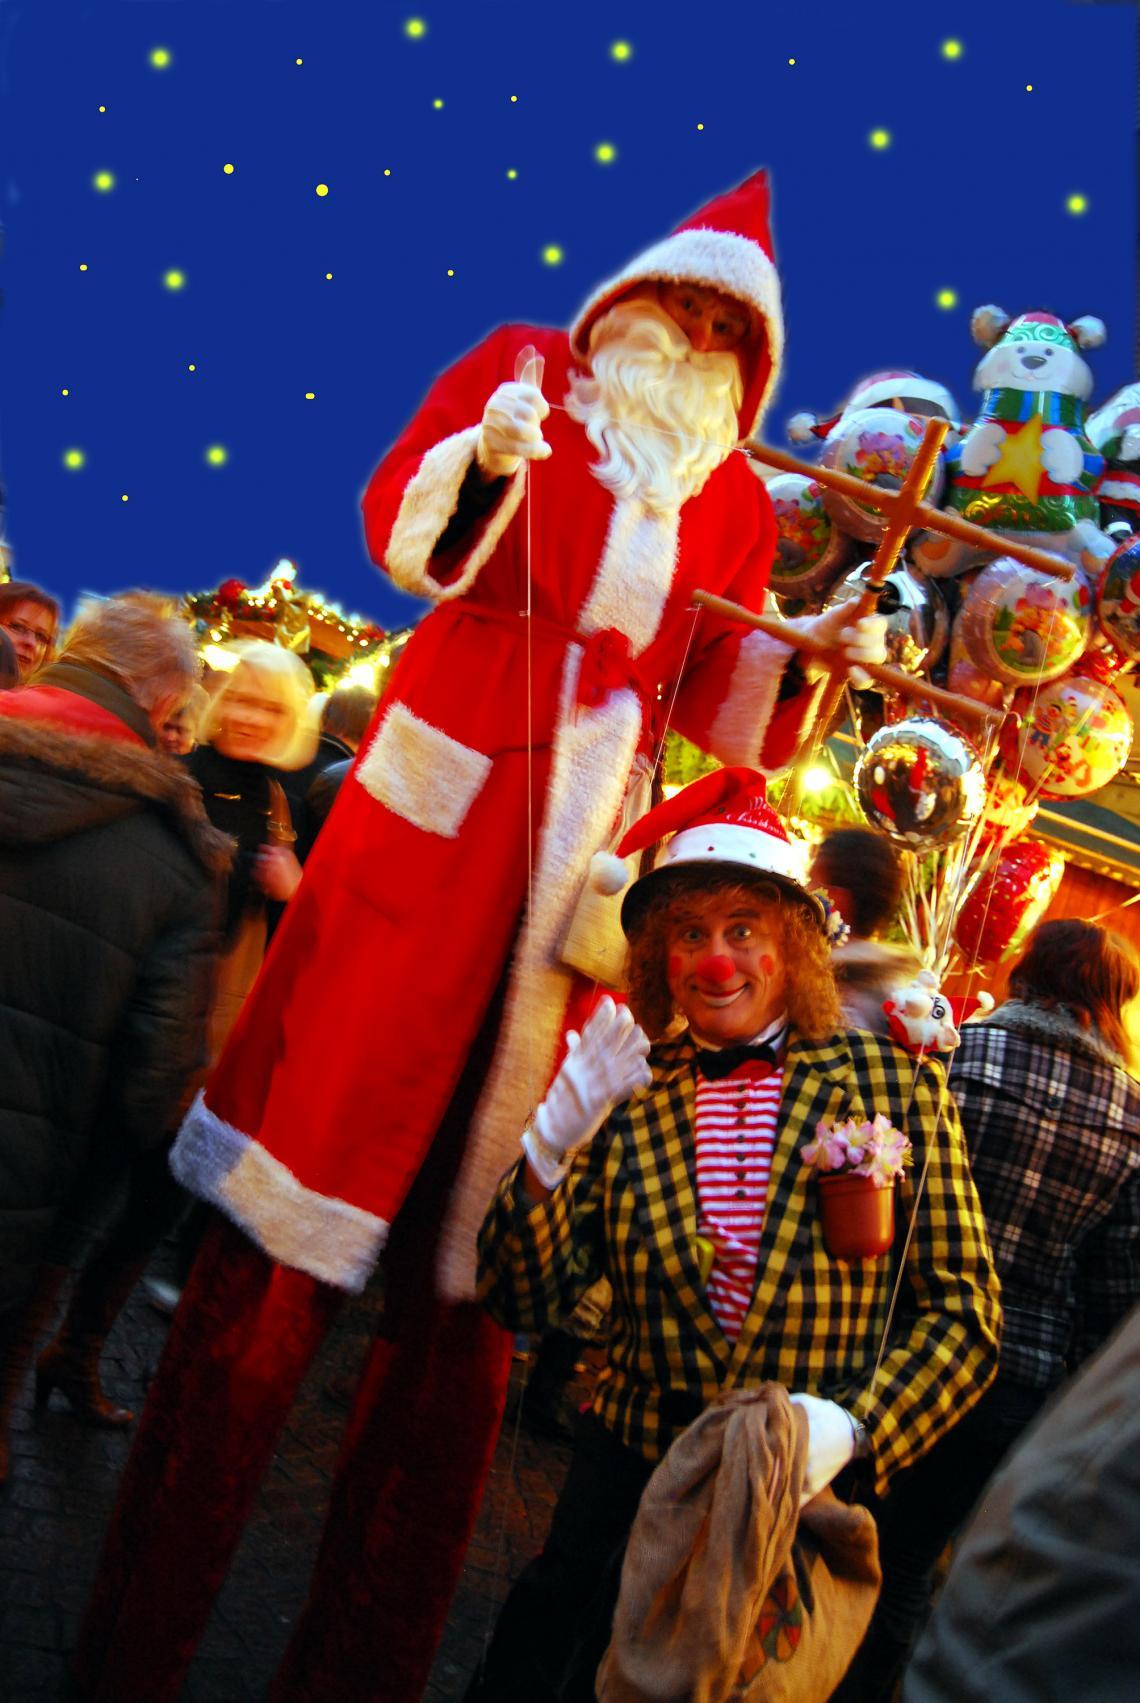 """PICO BELLO's  PICO BELLO's """"Größter Nikolaus!"""" - die Attraktion auf Stelzen! """"Ohhh..., ist der aber riesig..., staunen die kleinen und grossen Zuschauer, wenn sie auf den größten Nikolaus mit seiner lebendigen Clownsmarionette treffen...; einfach unvergessene Augenblicke."""